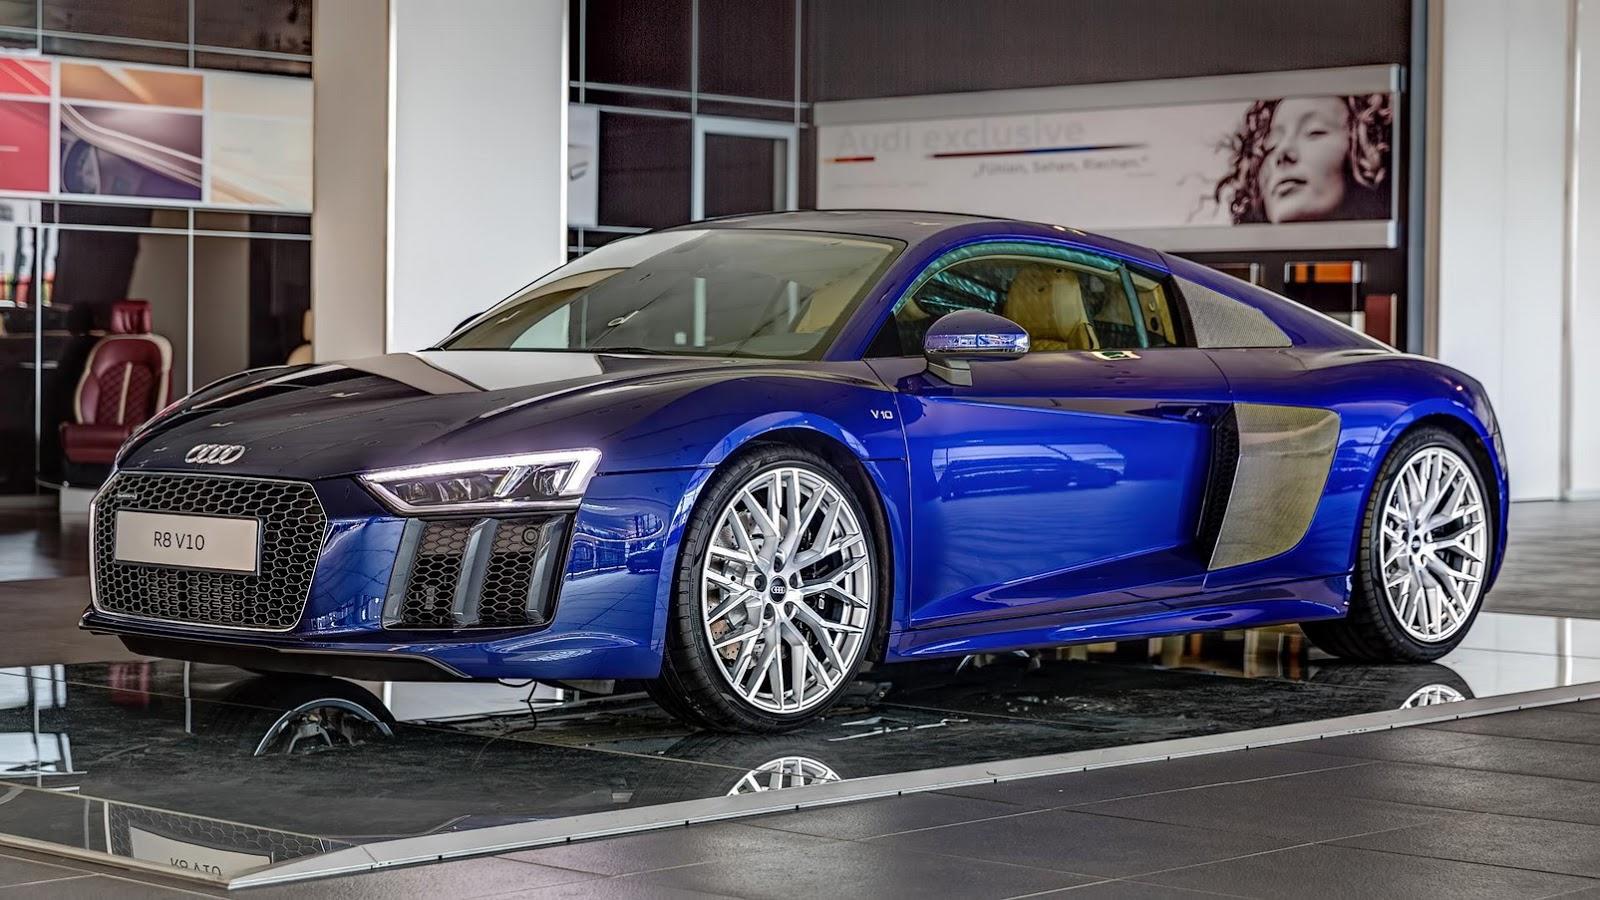 Audi_R8_V10 (2).jpg